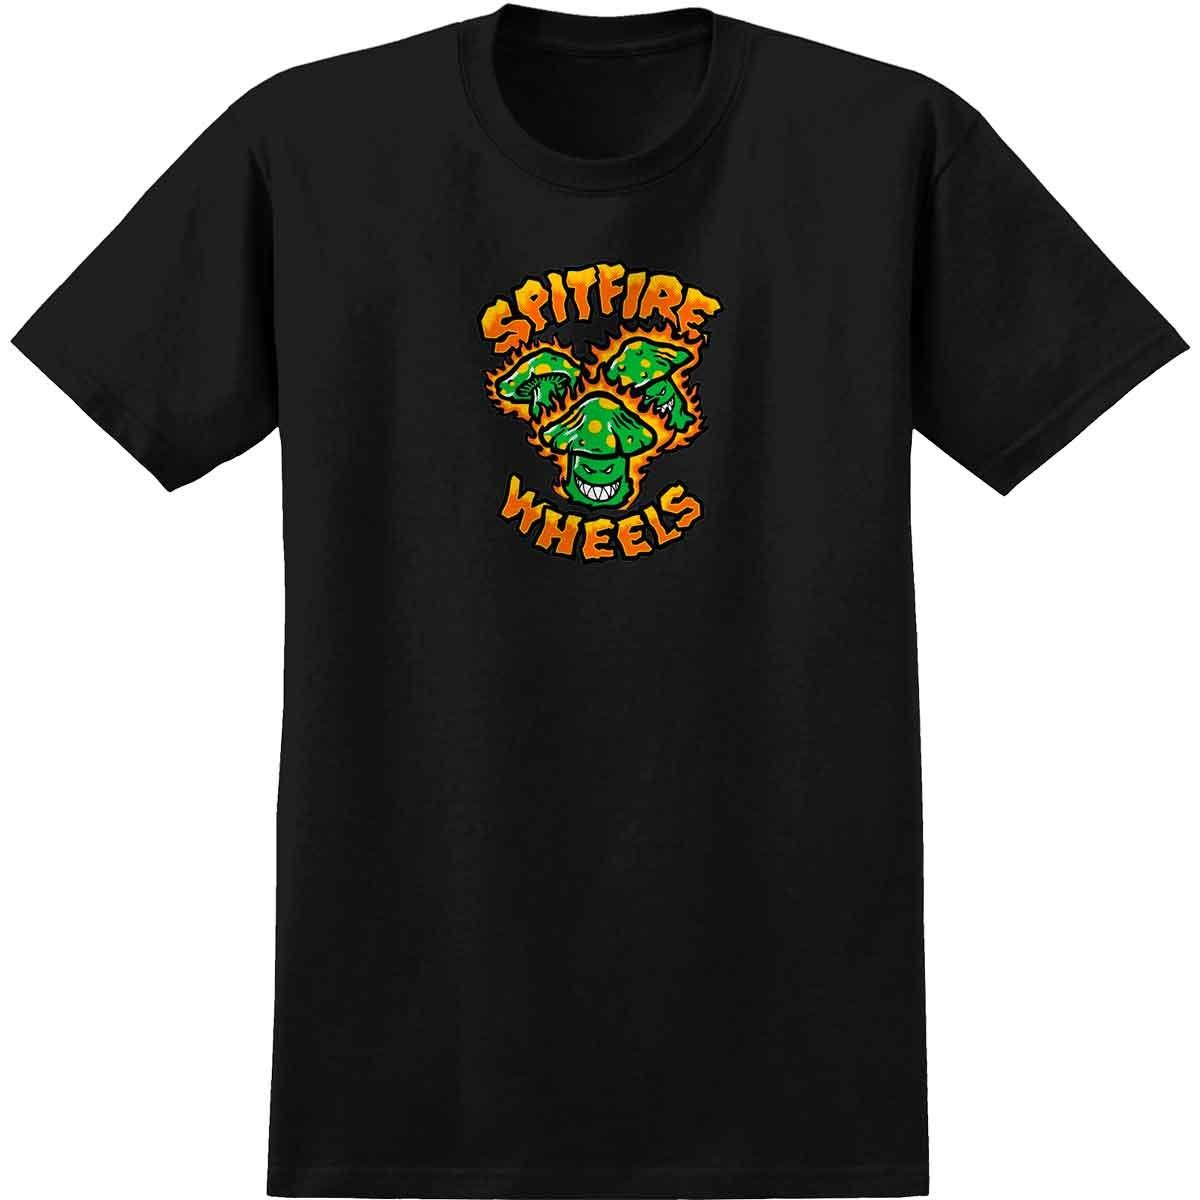 Spitfire Spitfire - S/S Toxic Shrooms Black